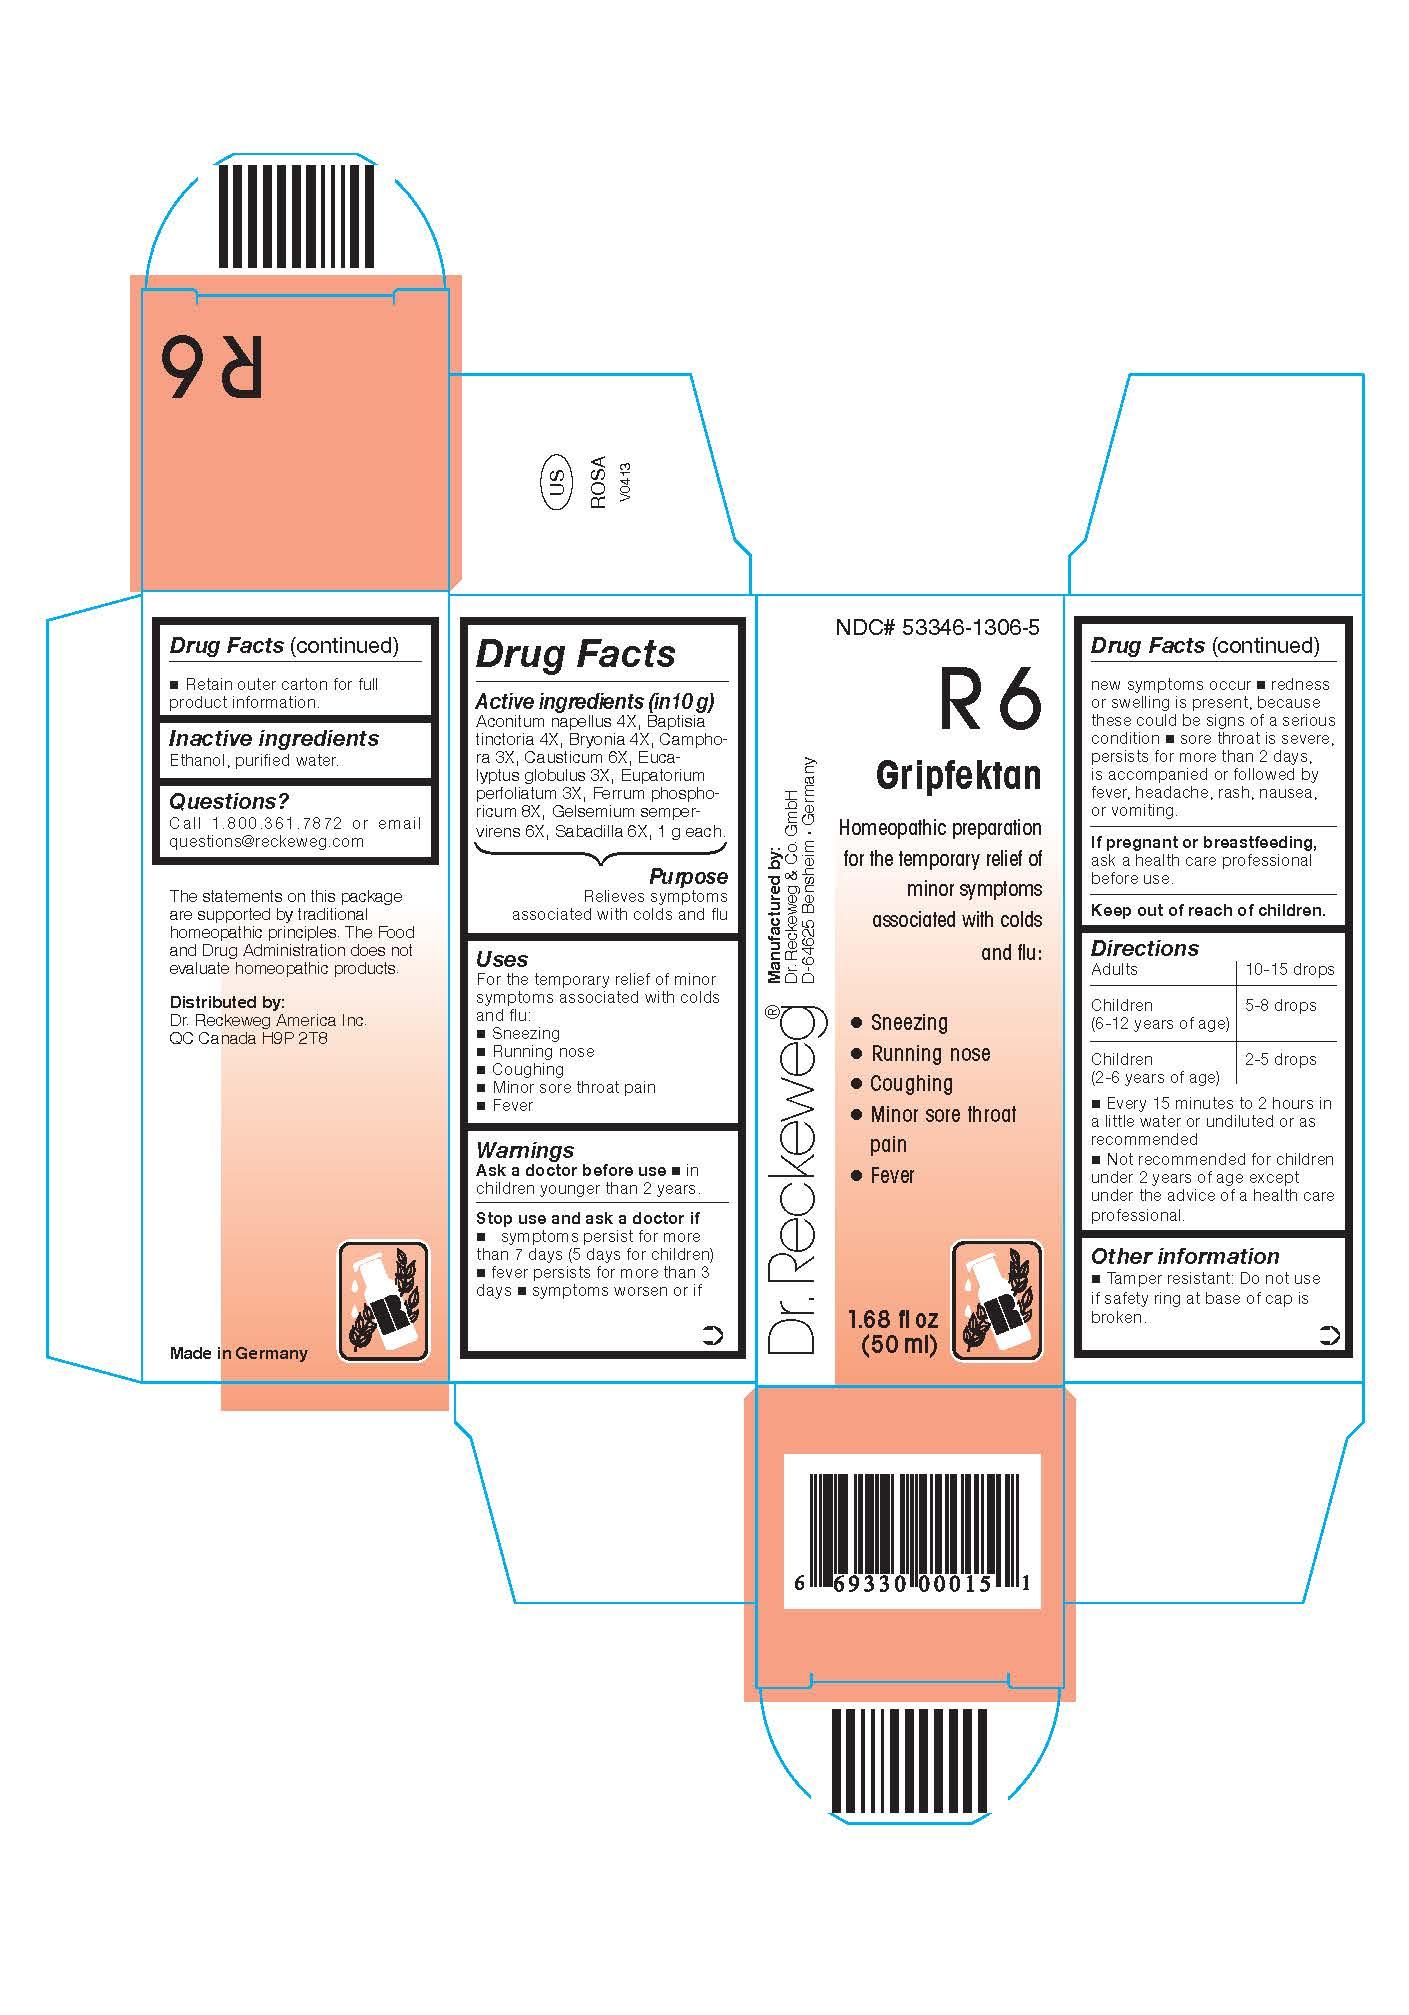 Combination Product (Aconitum Napellus 4x, Baptisia Tinctoria 4x, Bryonia 4x, Camphora 3x, Causticum 6x, Eucalyptus Globulus 3x, Eupatorium Perfoliatum 3x, Ferrum Phosphoricum 8x, Gelsemium Sempervirens 6x, Sabadilla 6x) Liquid [Pharmazeutische Fabrik Dr. Reckeweg & Co]